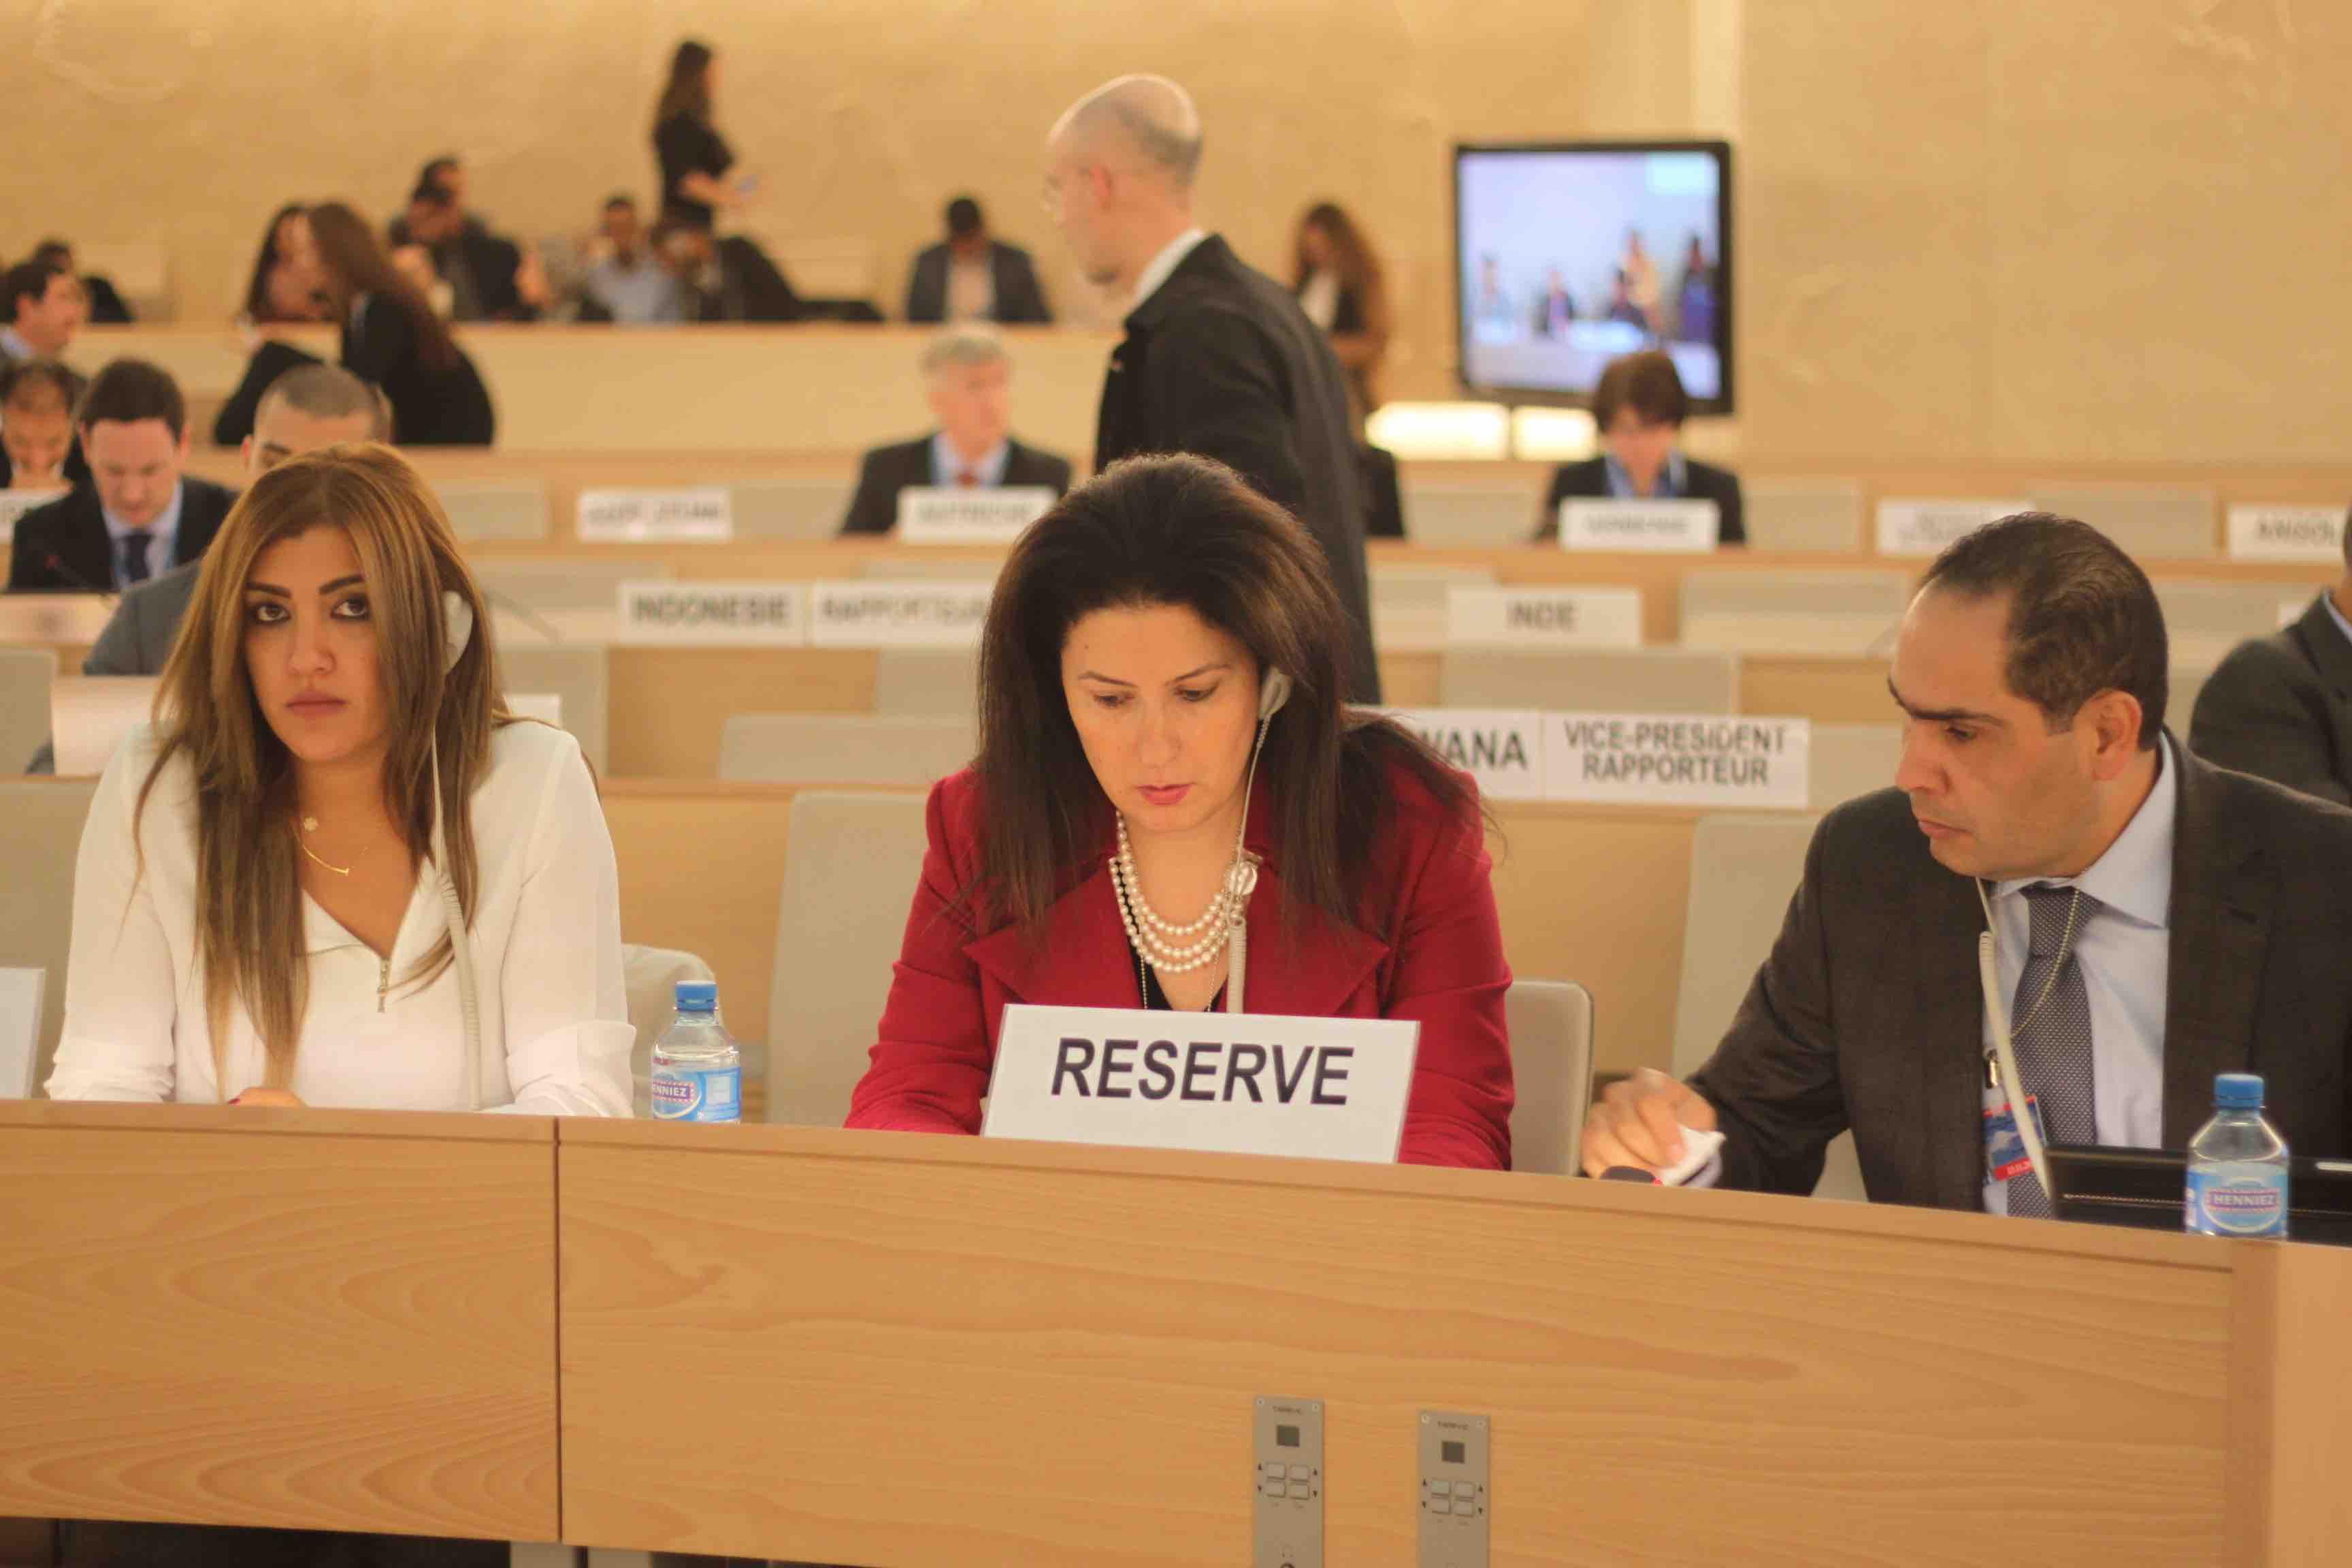 لبنان في امتحان حقوق الإنسان: ٢٤٦ توصية في الانتظار